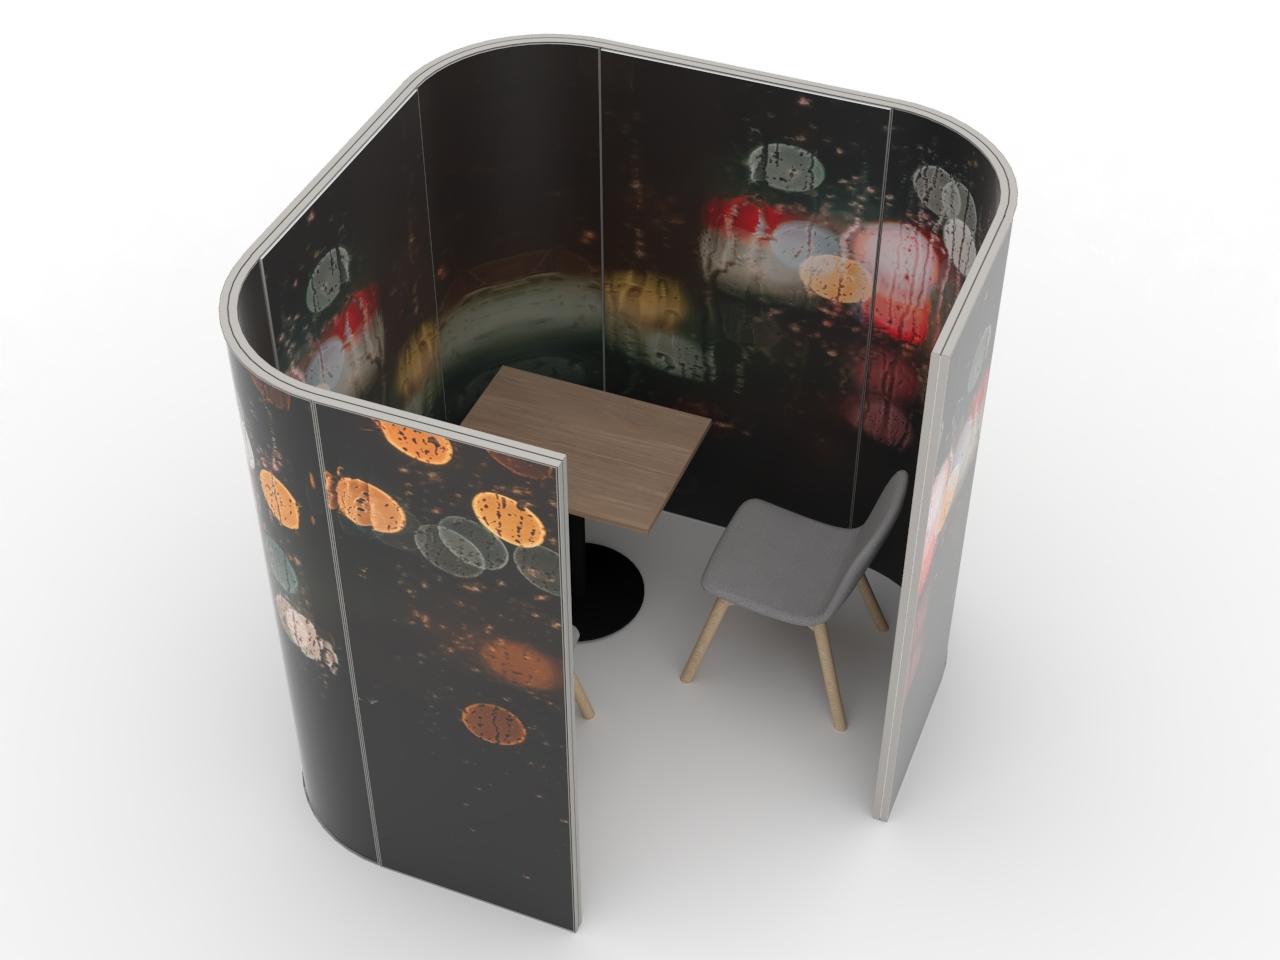 Mobile Trennwand Kabine für Praxis oder Büro